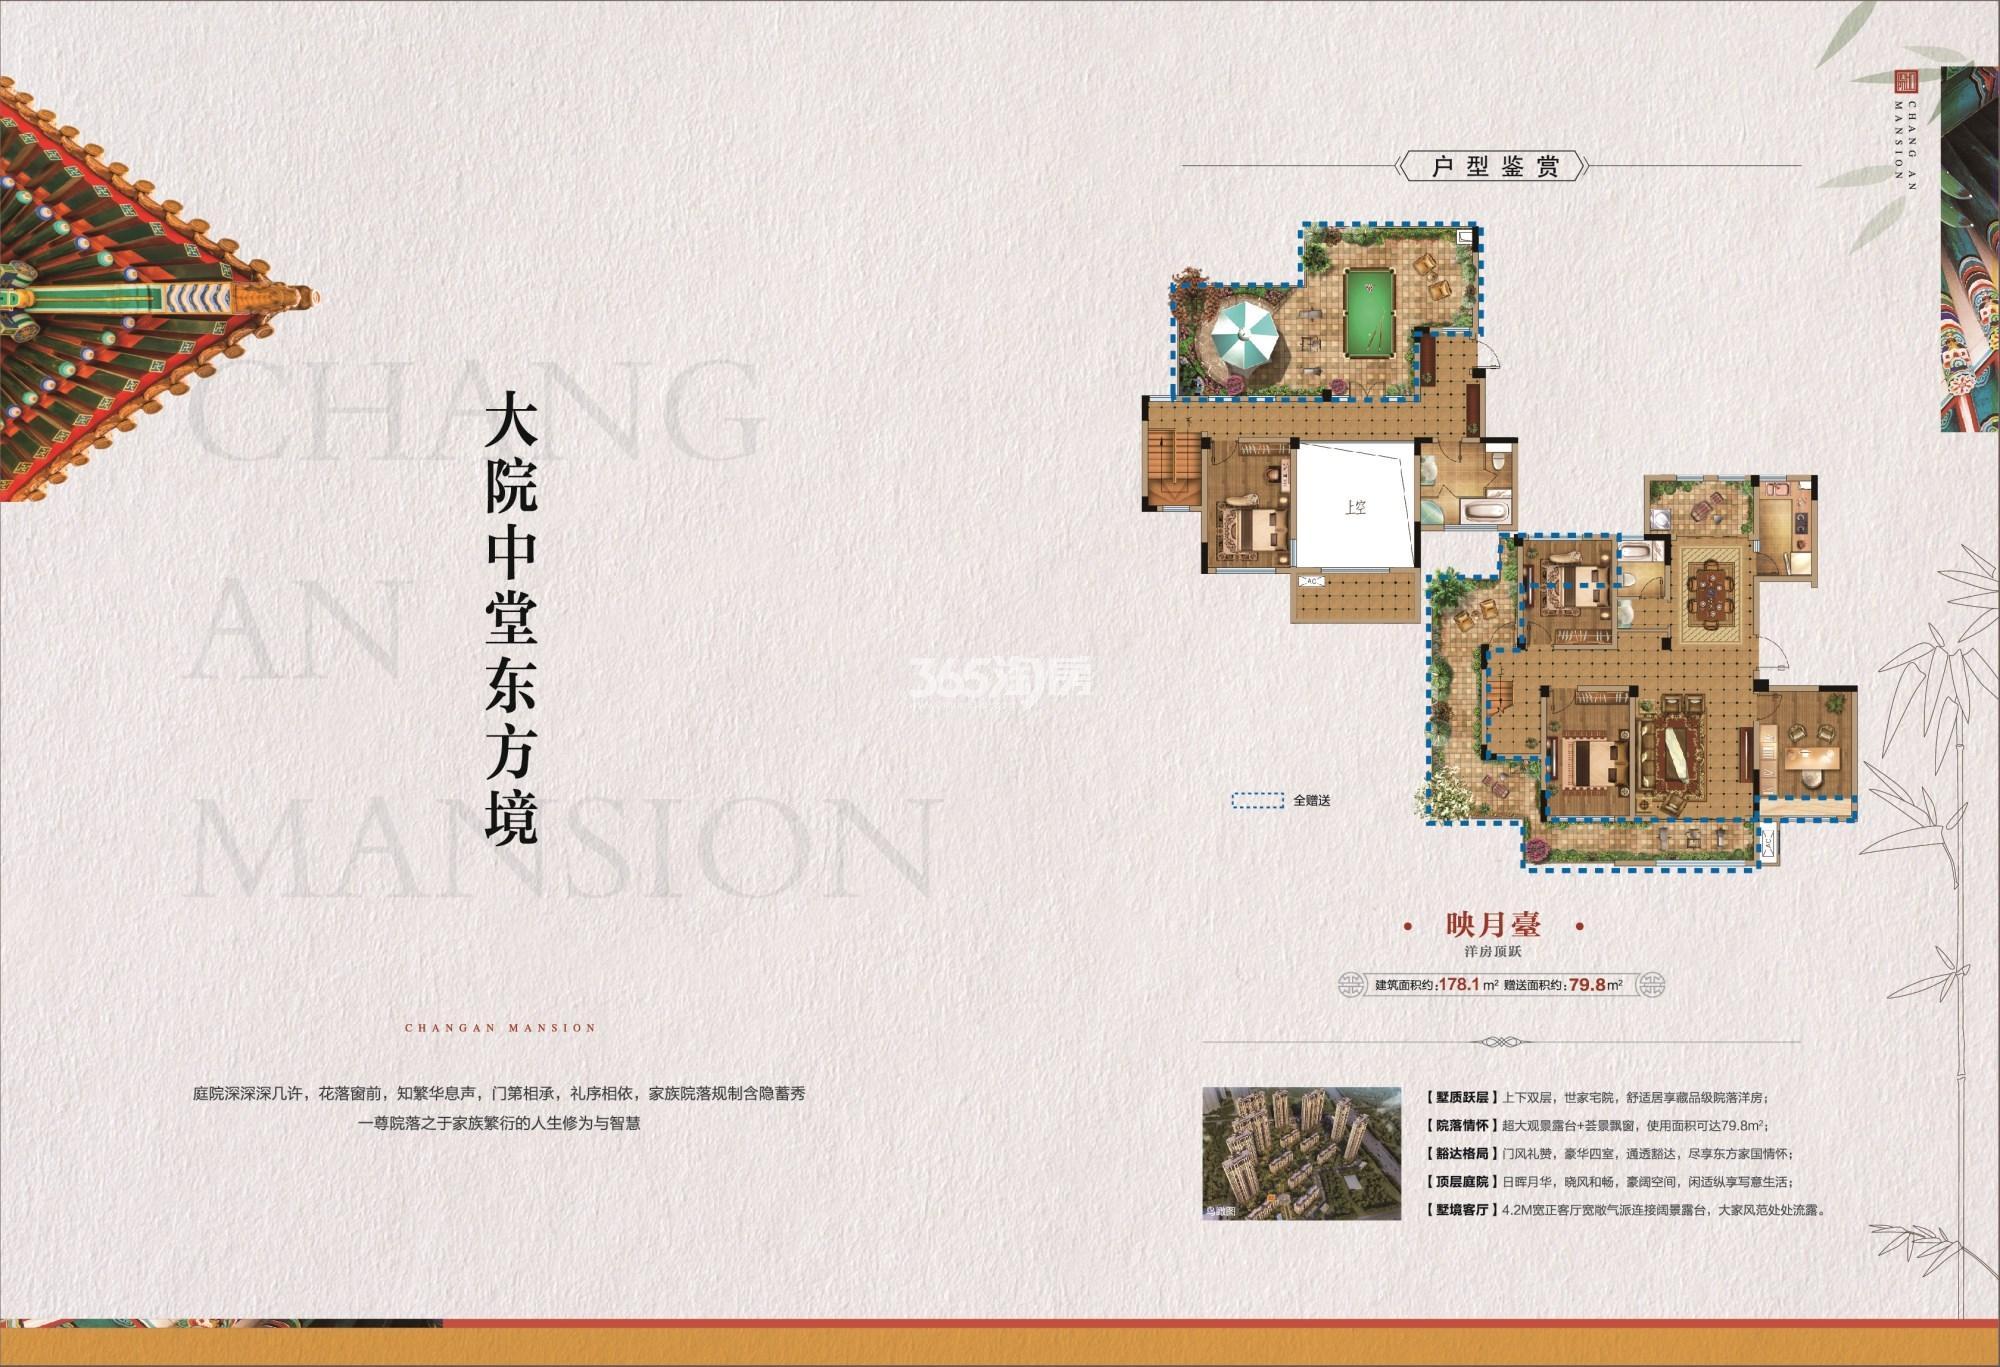 长安城·如院项目映月臺洋房顶跃户型178.1平米户型图